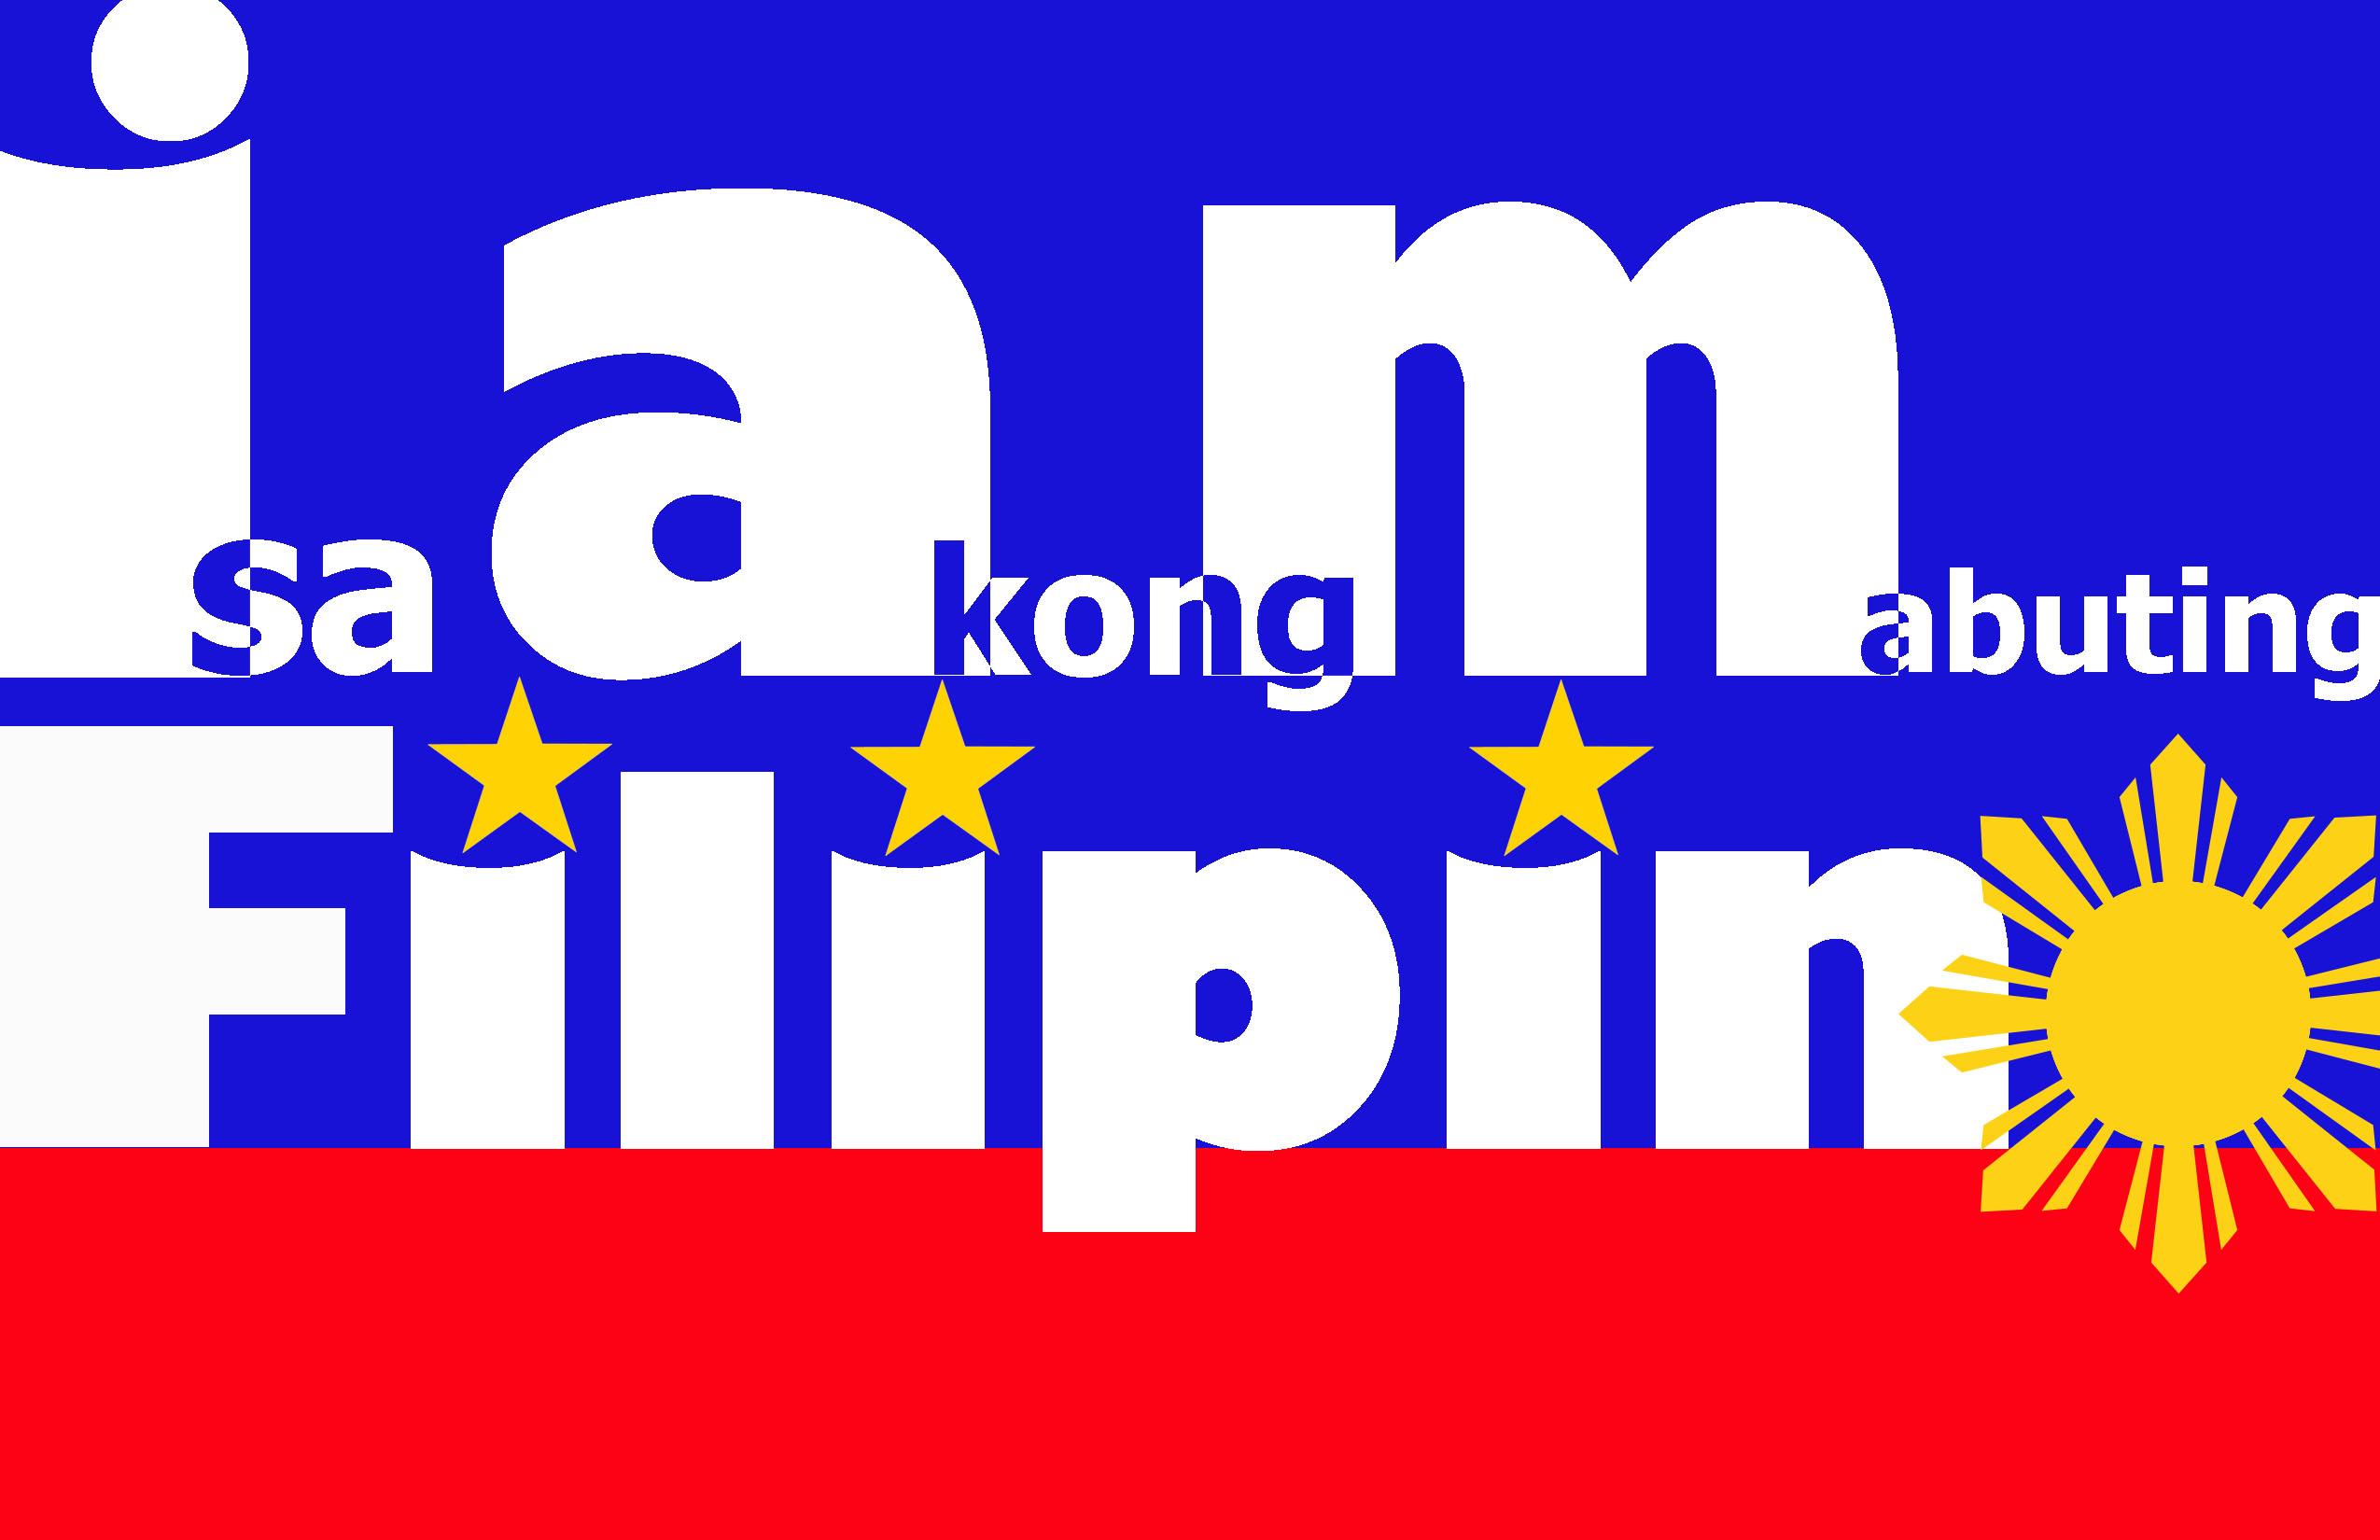 Philipines clipart philippine nationalism Filipino People Cartoon